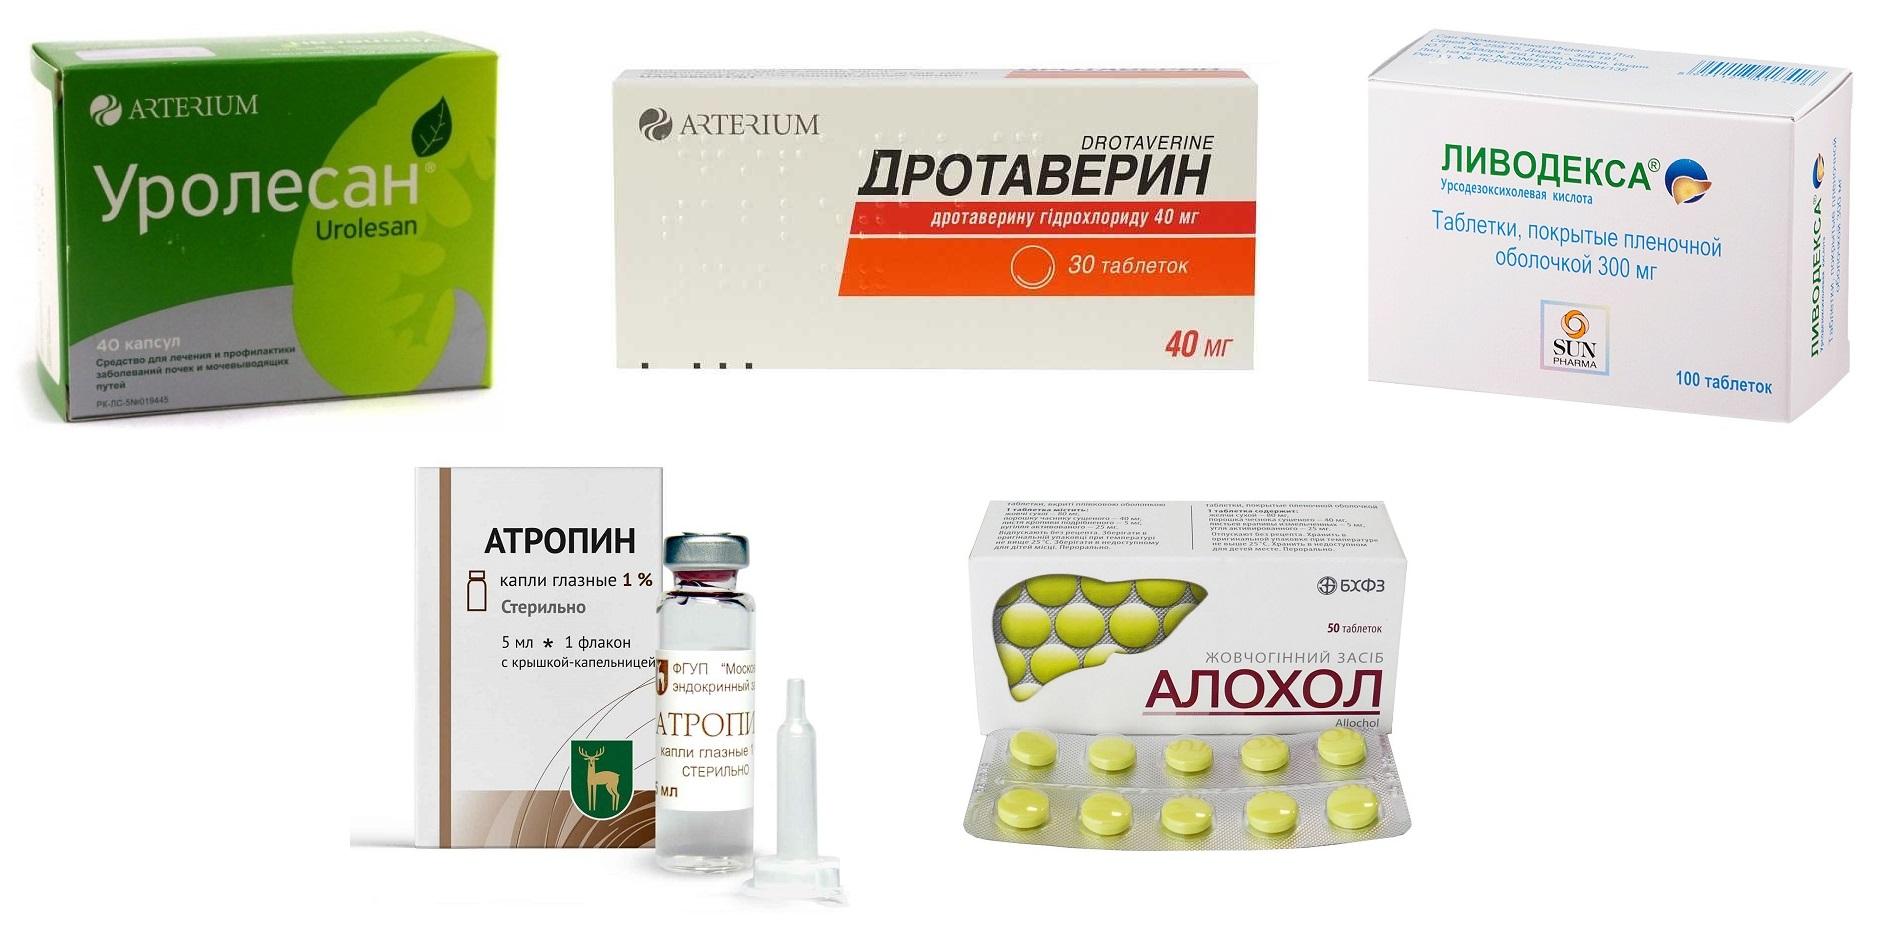 Список желчегонных лекарств